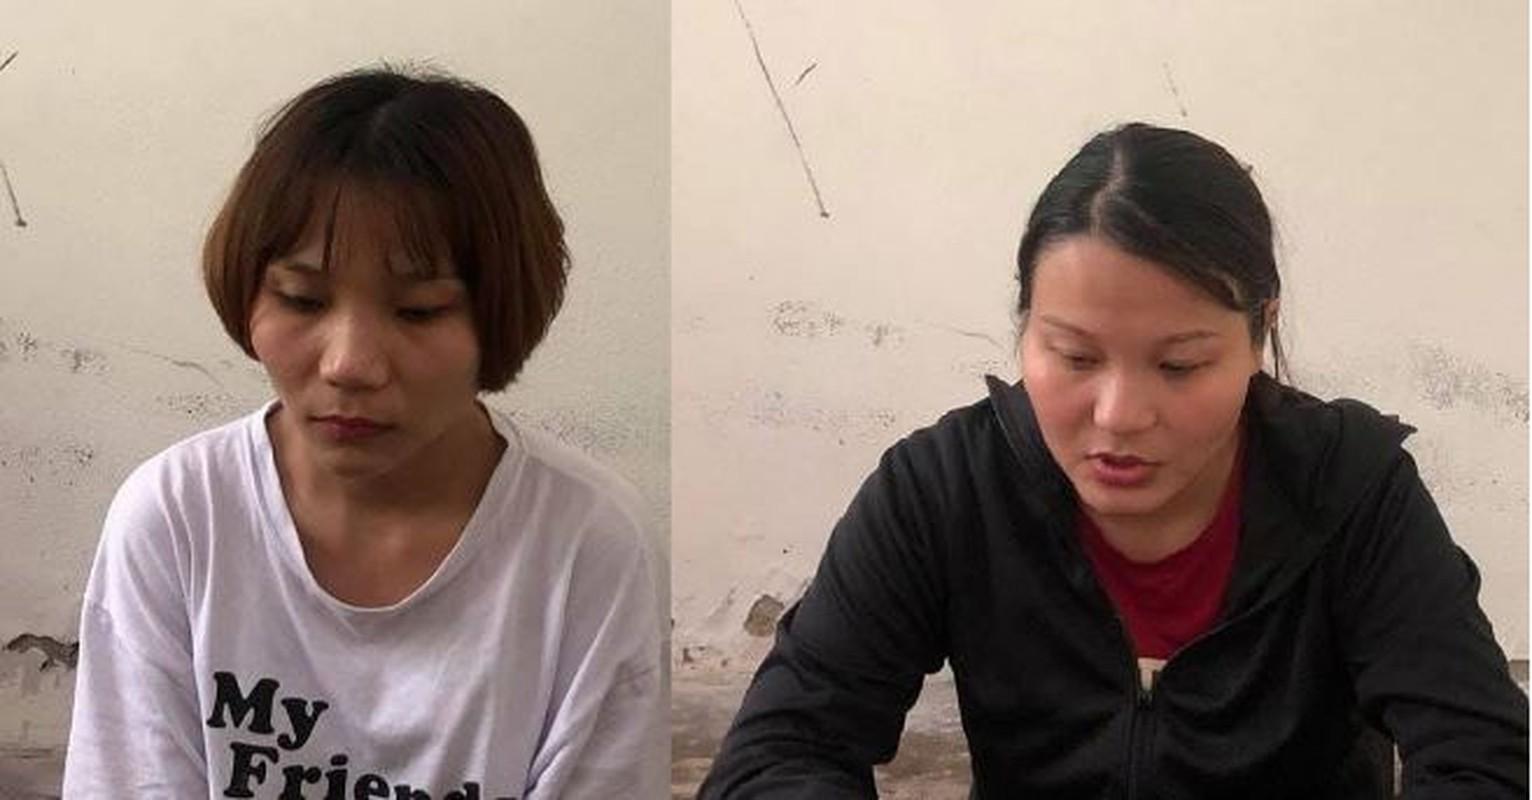 Tin nong ngay 23/9: So bo me mang hoc sinh lop 3 bia chuyen bi bat coc-Hinh-4